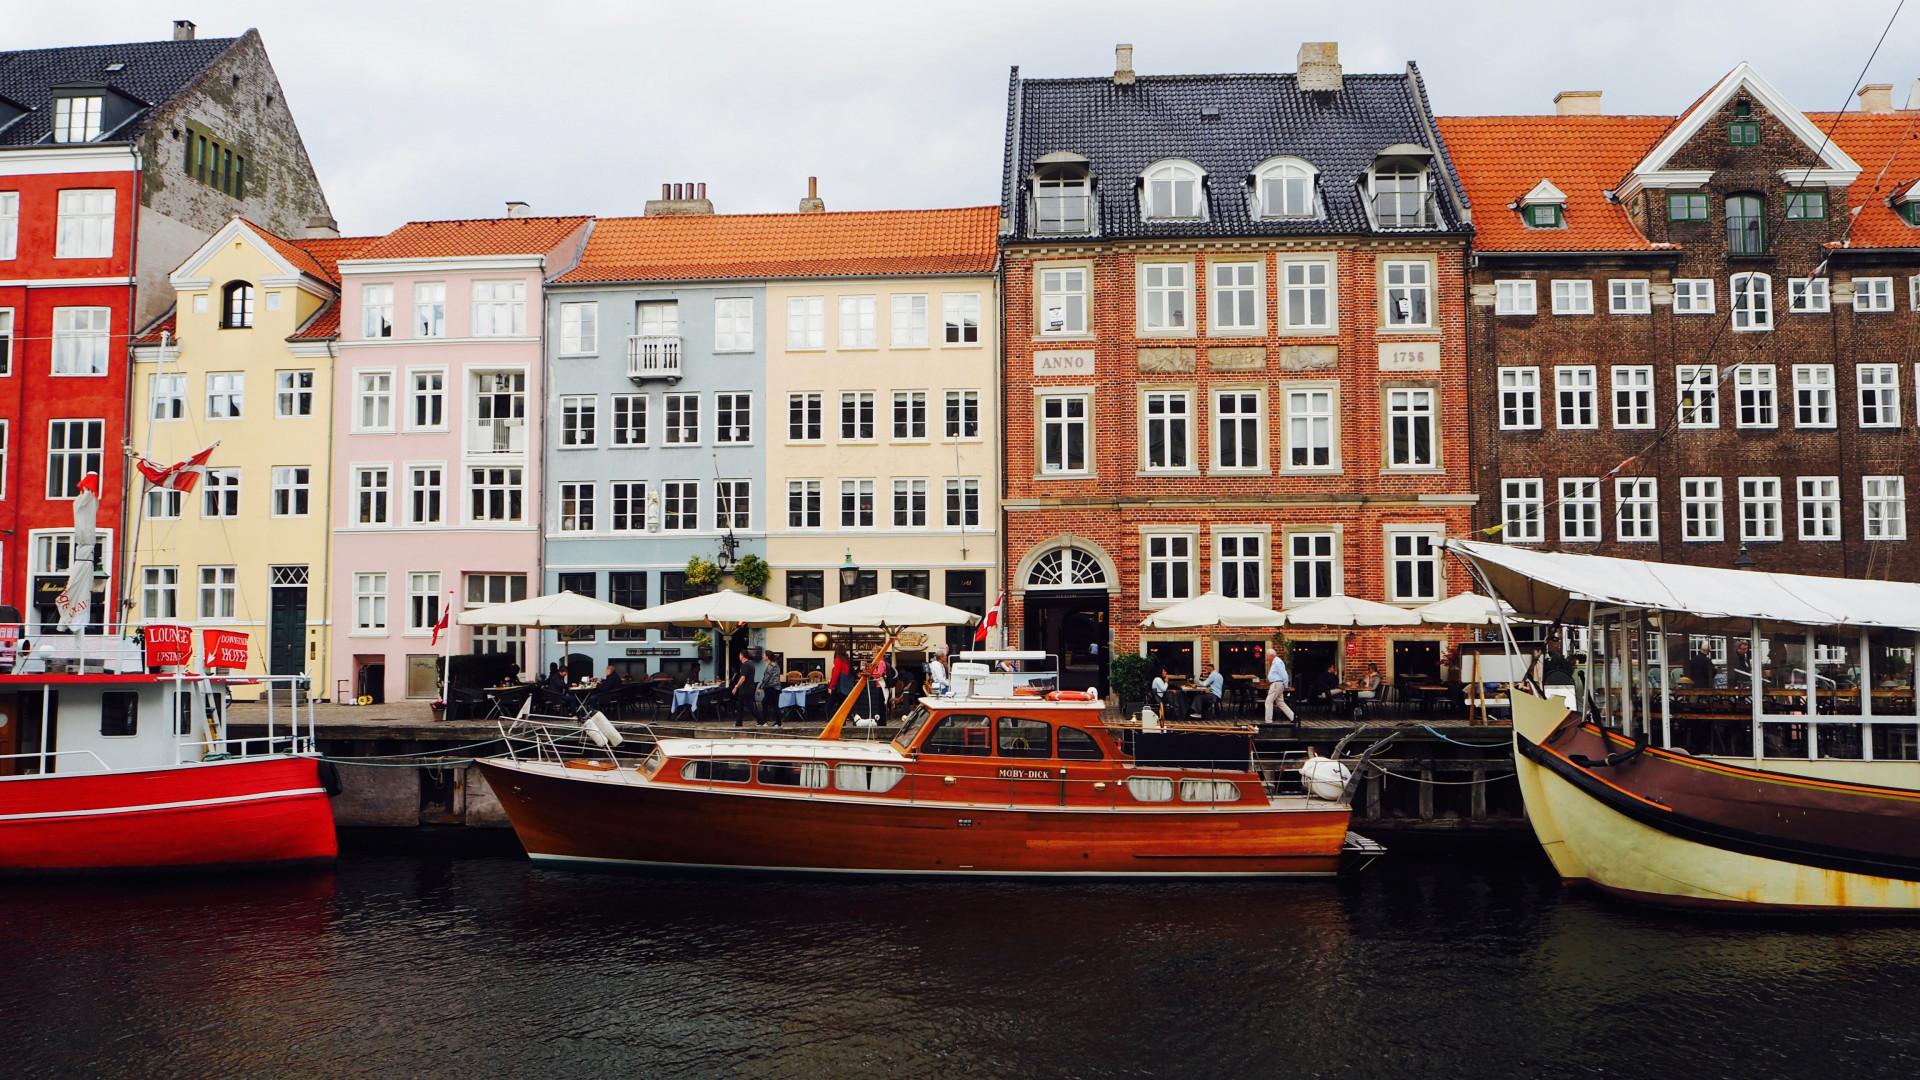 Nyhavn Harbour in Copenhagen, Denmark